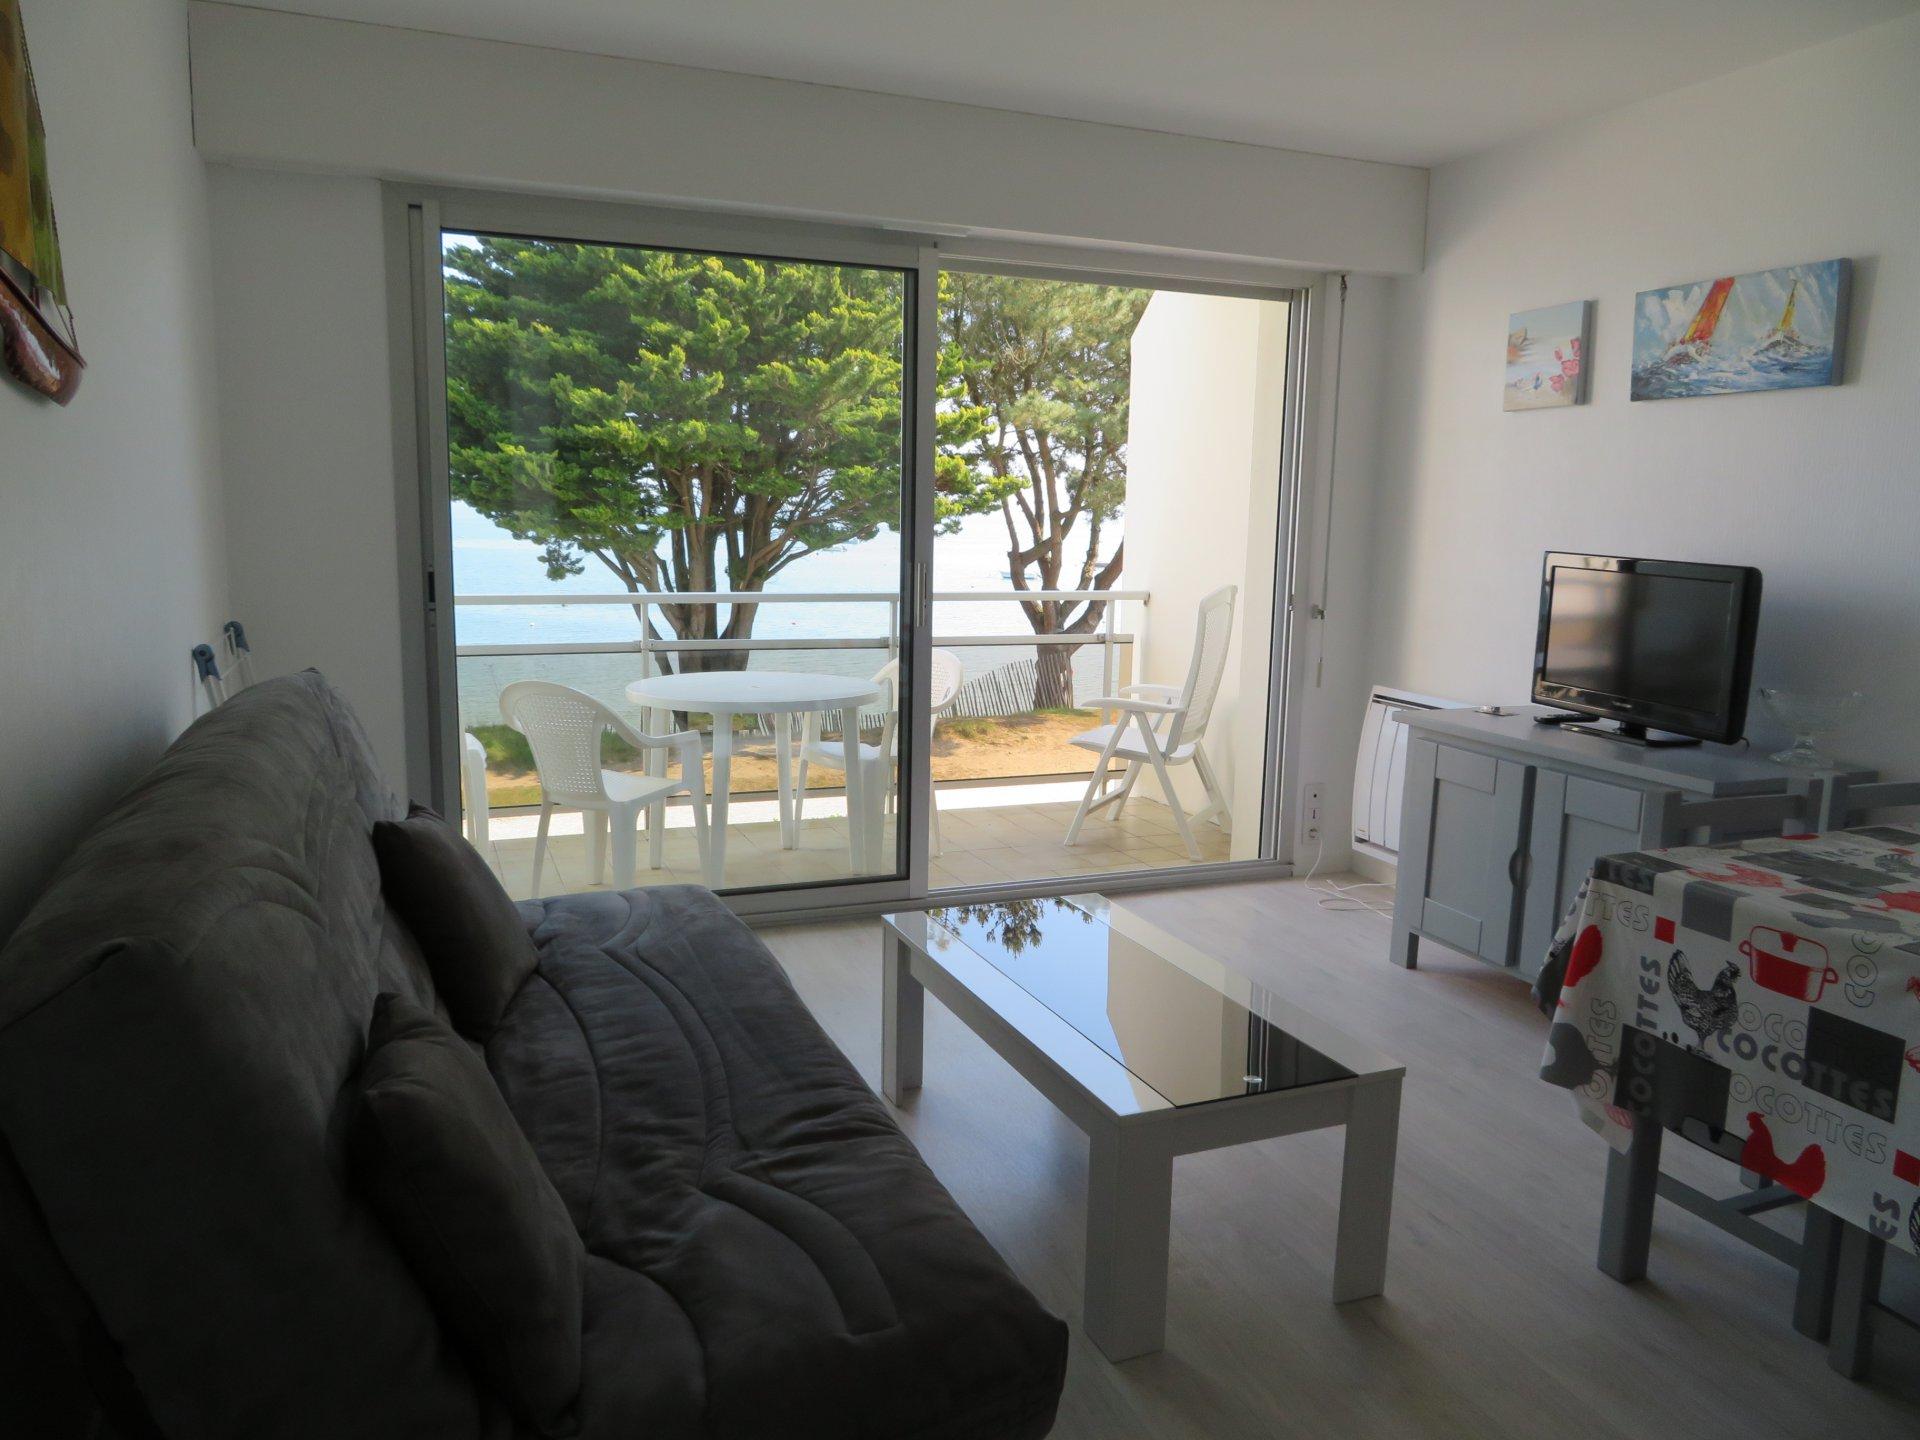 Appartement à louer à Damgan Kervoyal vue mer, plage à pied, appartement pour 4 pers.